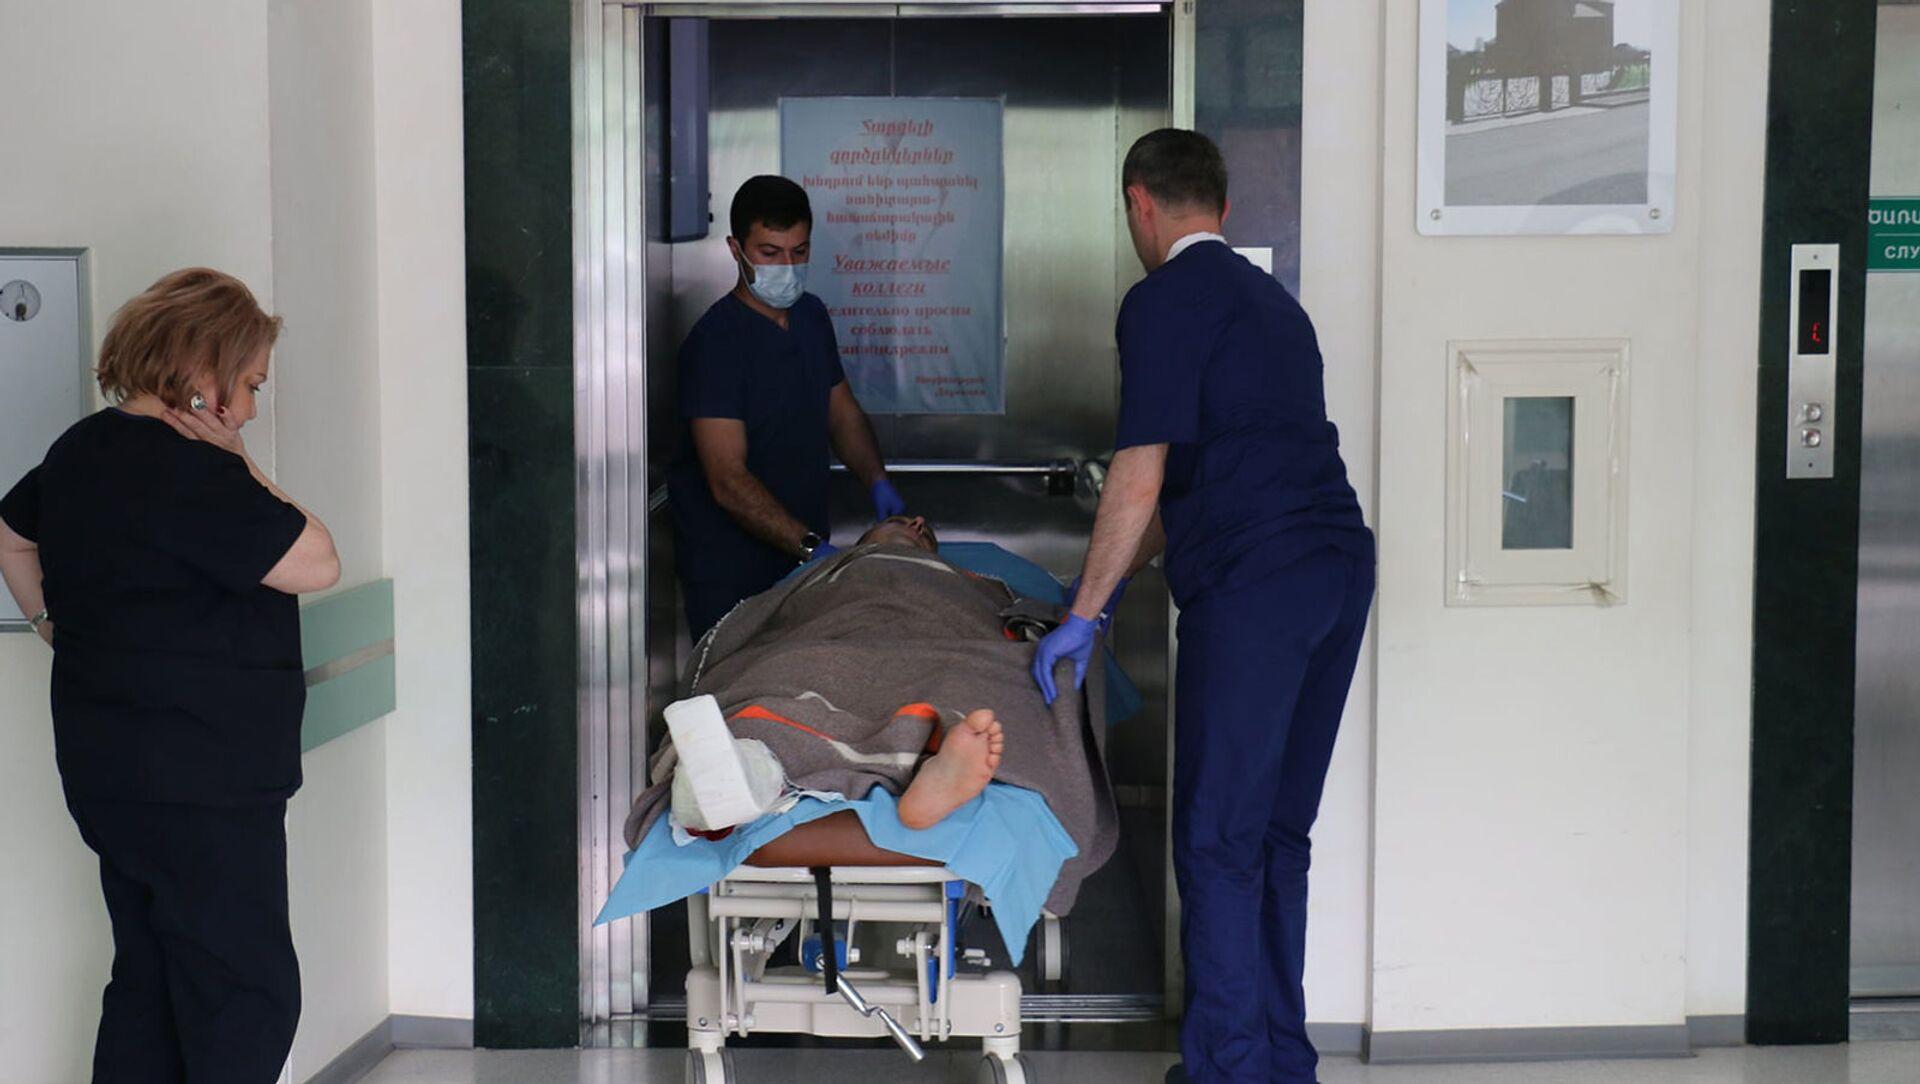 Медики транспортируют получившего ранение спасателя ГСЧС МВД Карабаха в республиканской больнице  - Sputnik Արմենիա, 1920, 15.04.2021